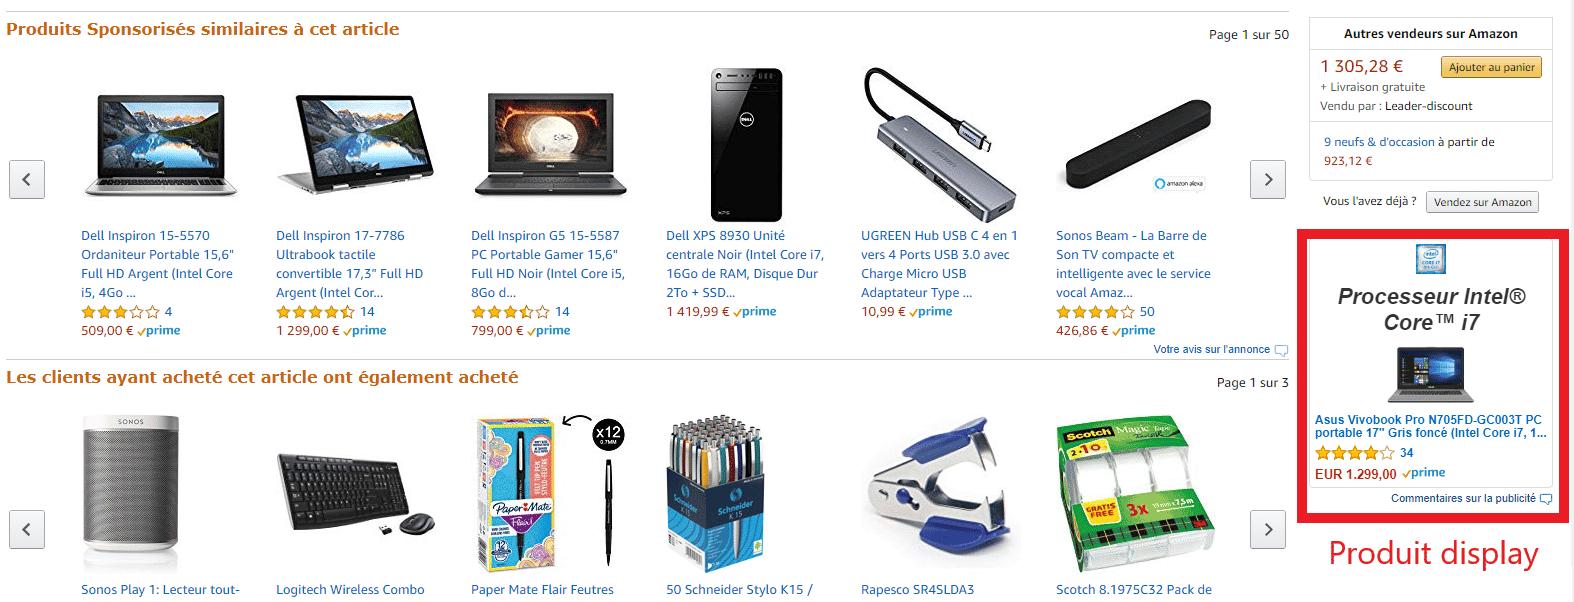 product display amazon